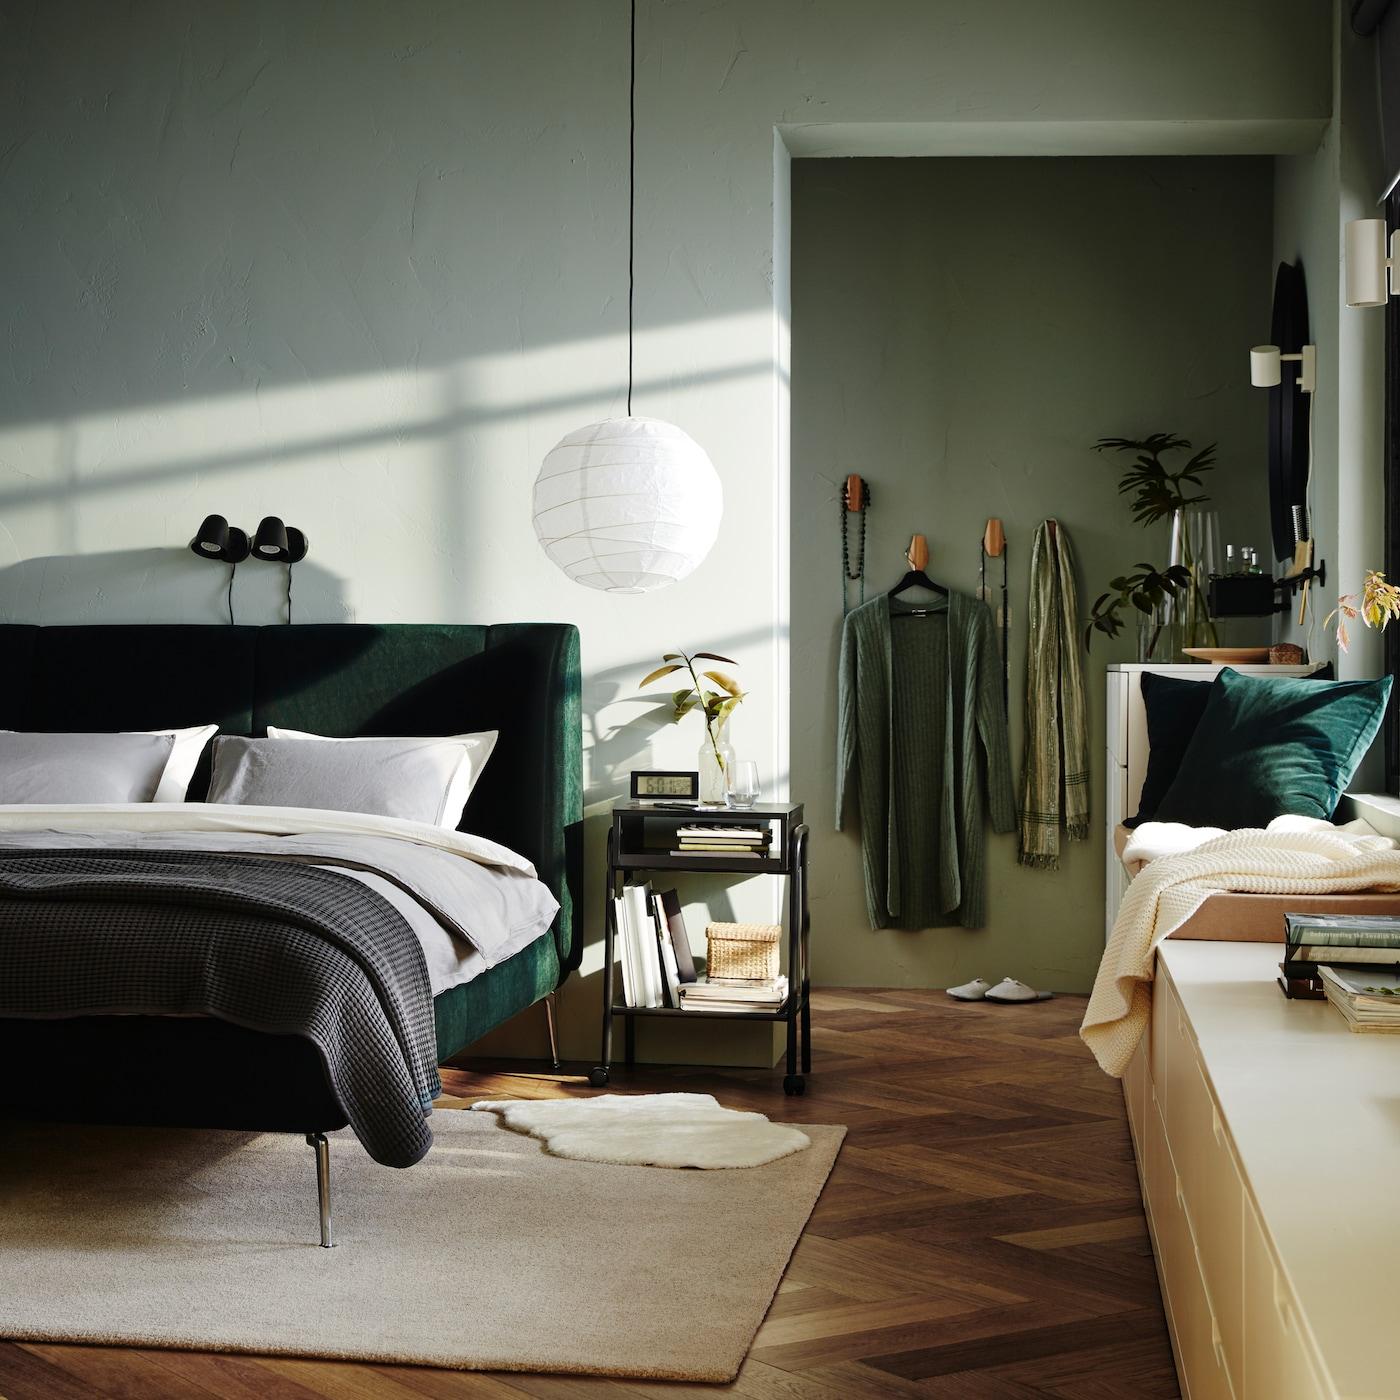 ห้องนอนพร้อมโครงเตียงบุนวมสีเขียว โคมไฟติดผนังสีดำสองดวง พรมสีออฟไวท์ และตู้ลิ้นชักสีขาว